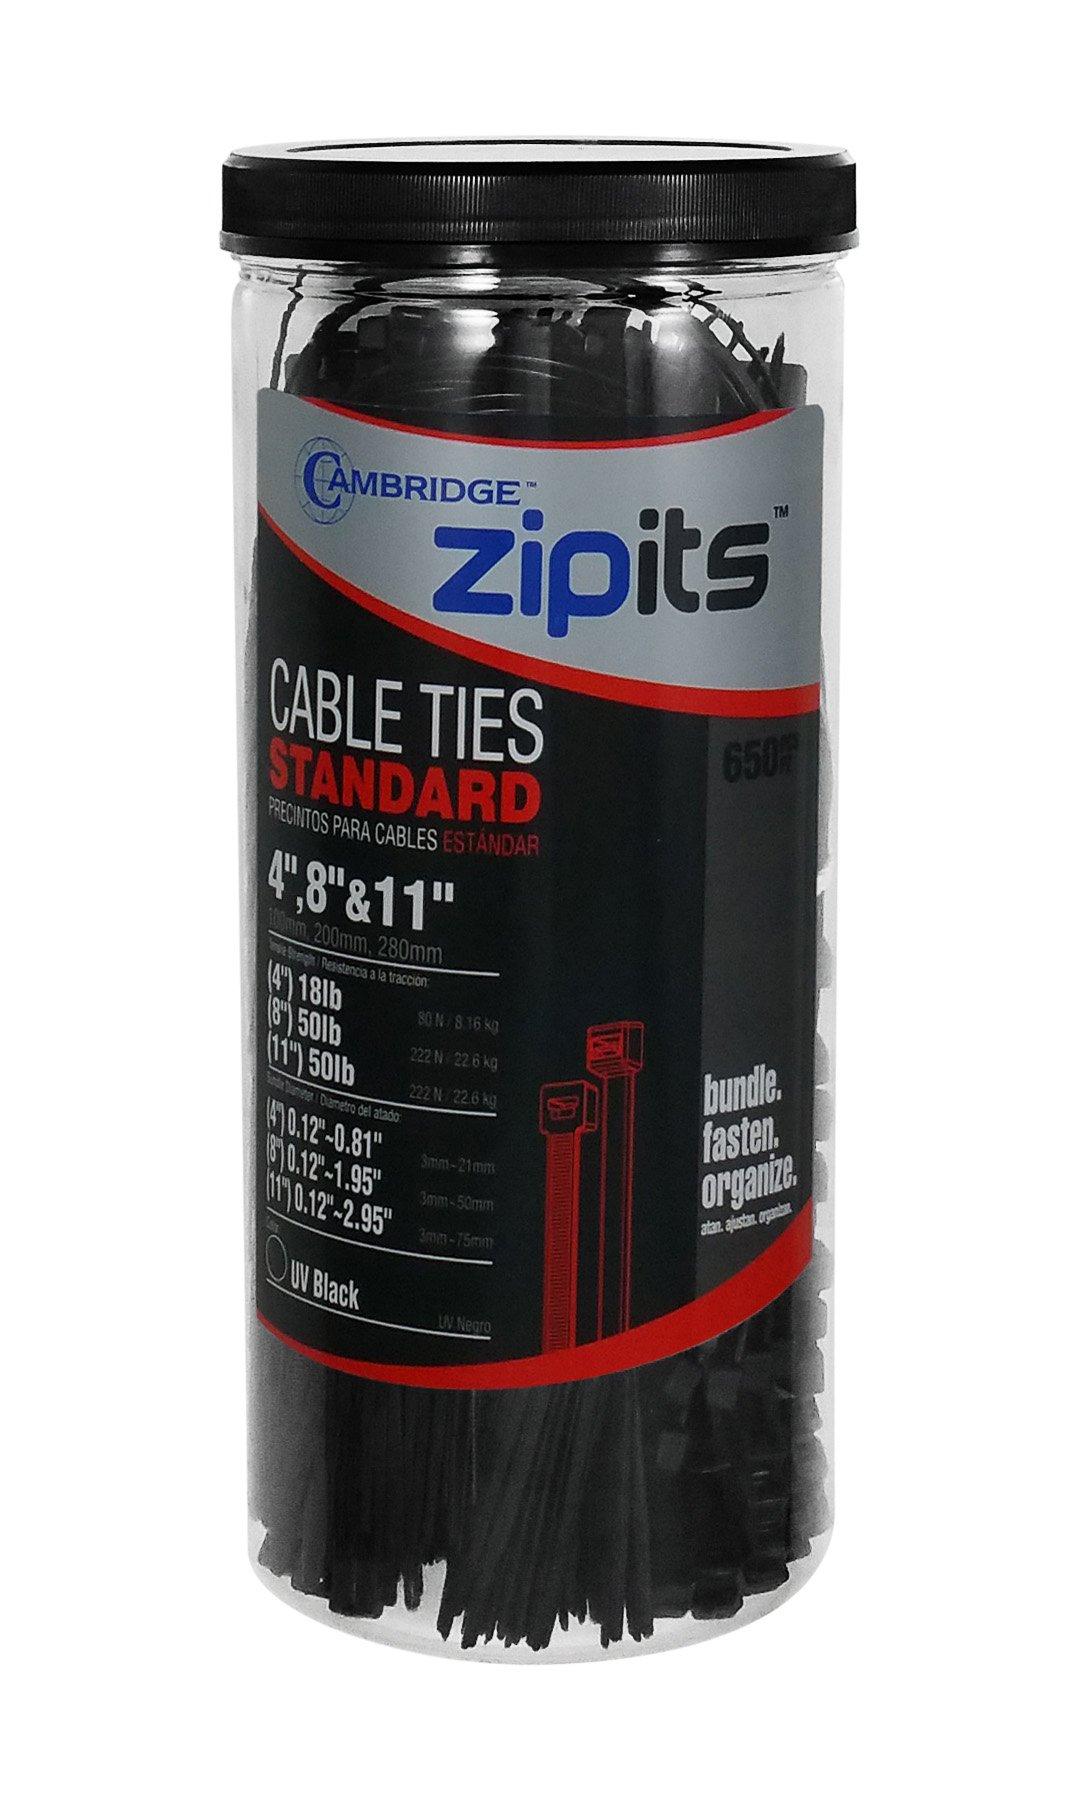 Cambridge ZipIts 650 Pcs Assortment -4'', 8'' & 11'' Nylon Cable Ties Kit- UV Black